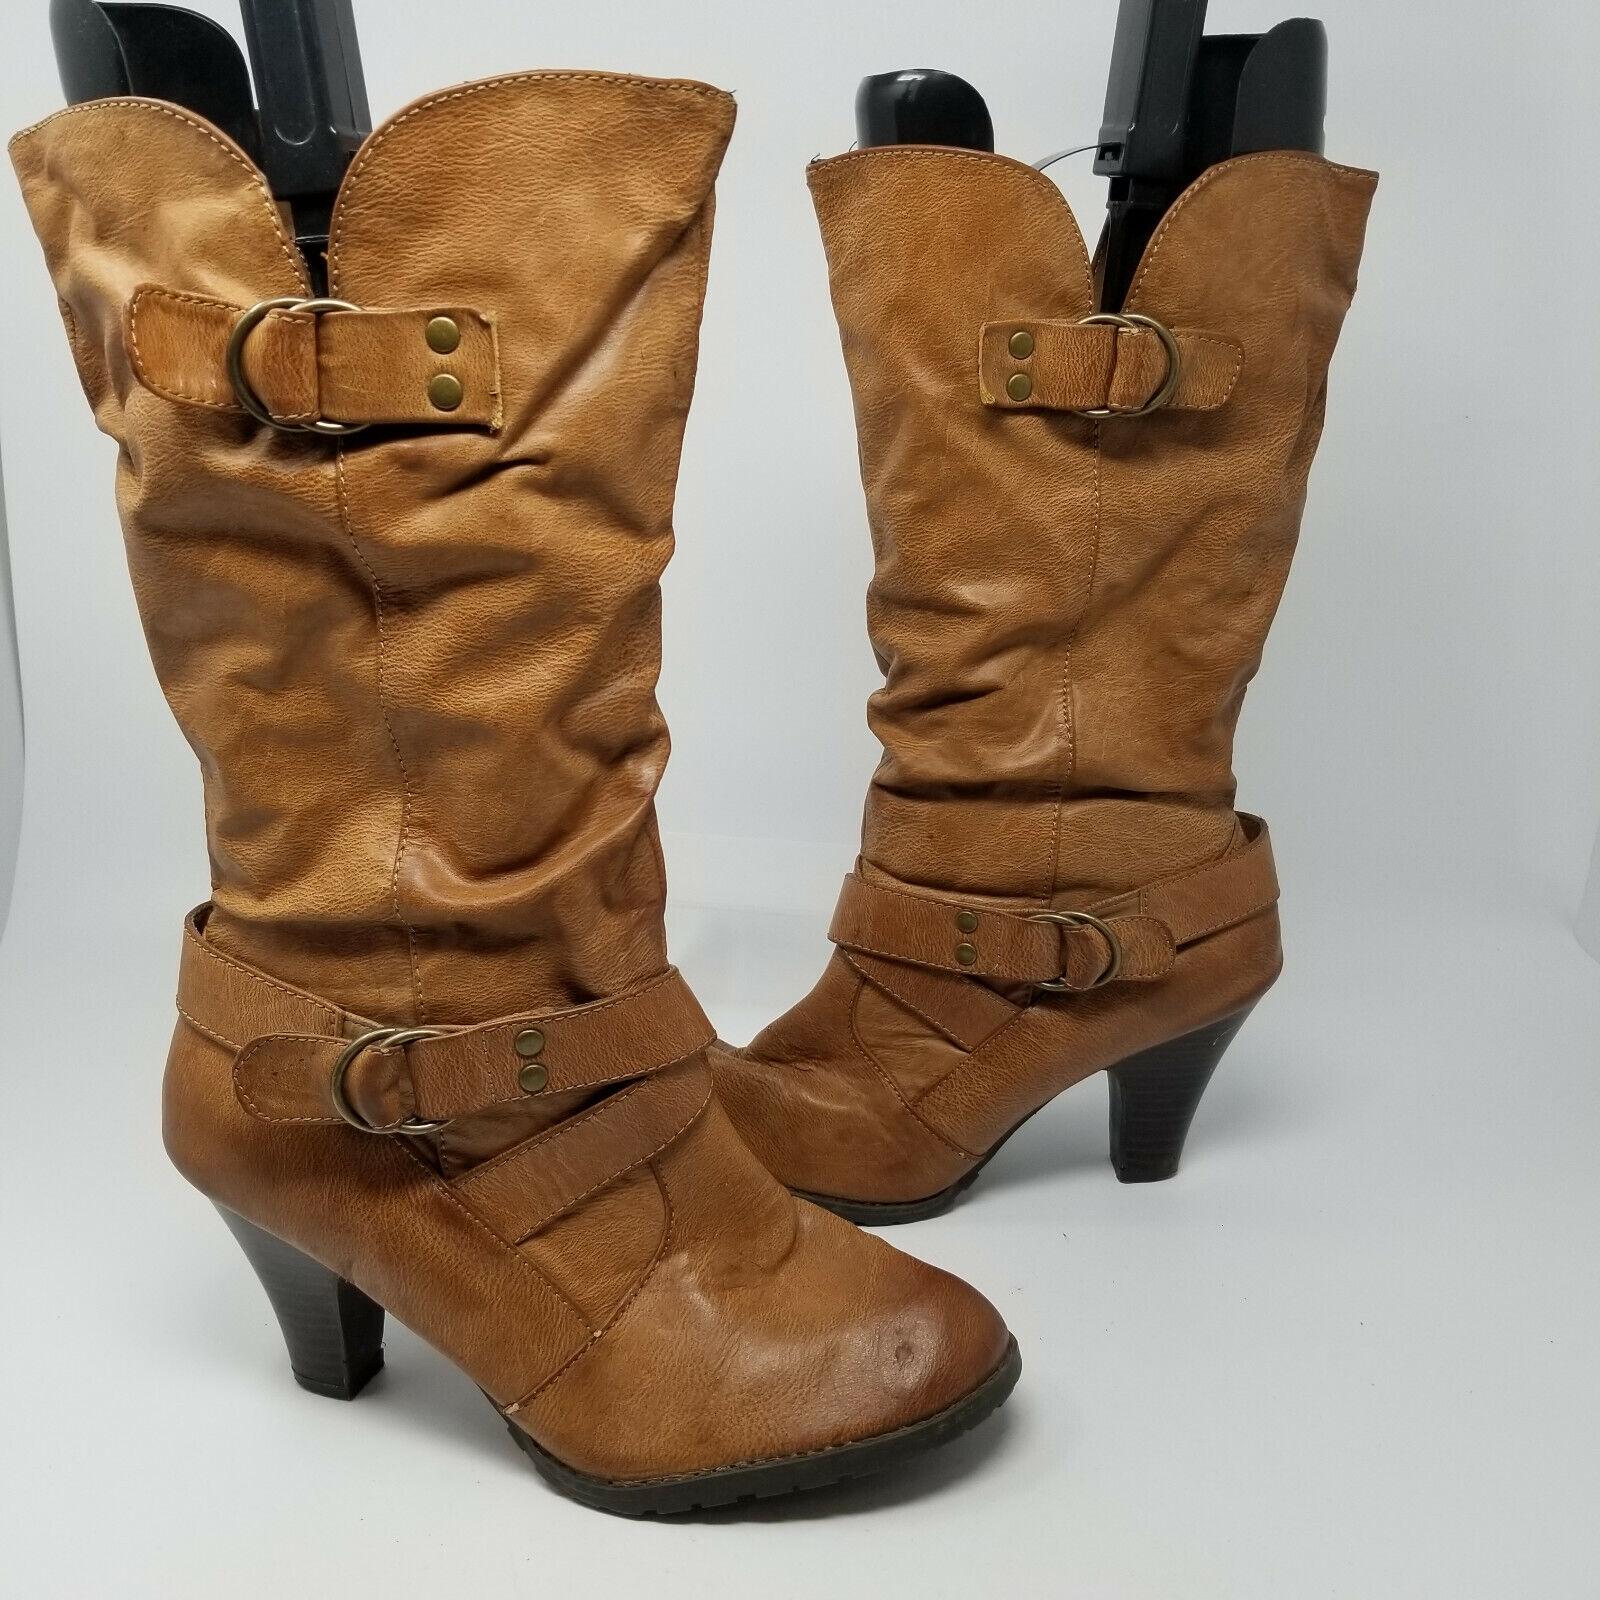 APT 9 marron double boucle en Cuir Synthétique Talon Bobine Bottes Chaussures Femmes Taille 10